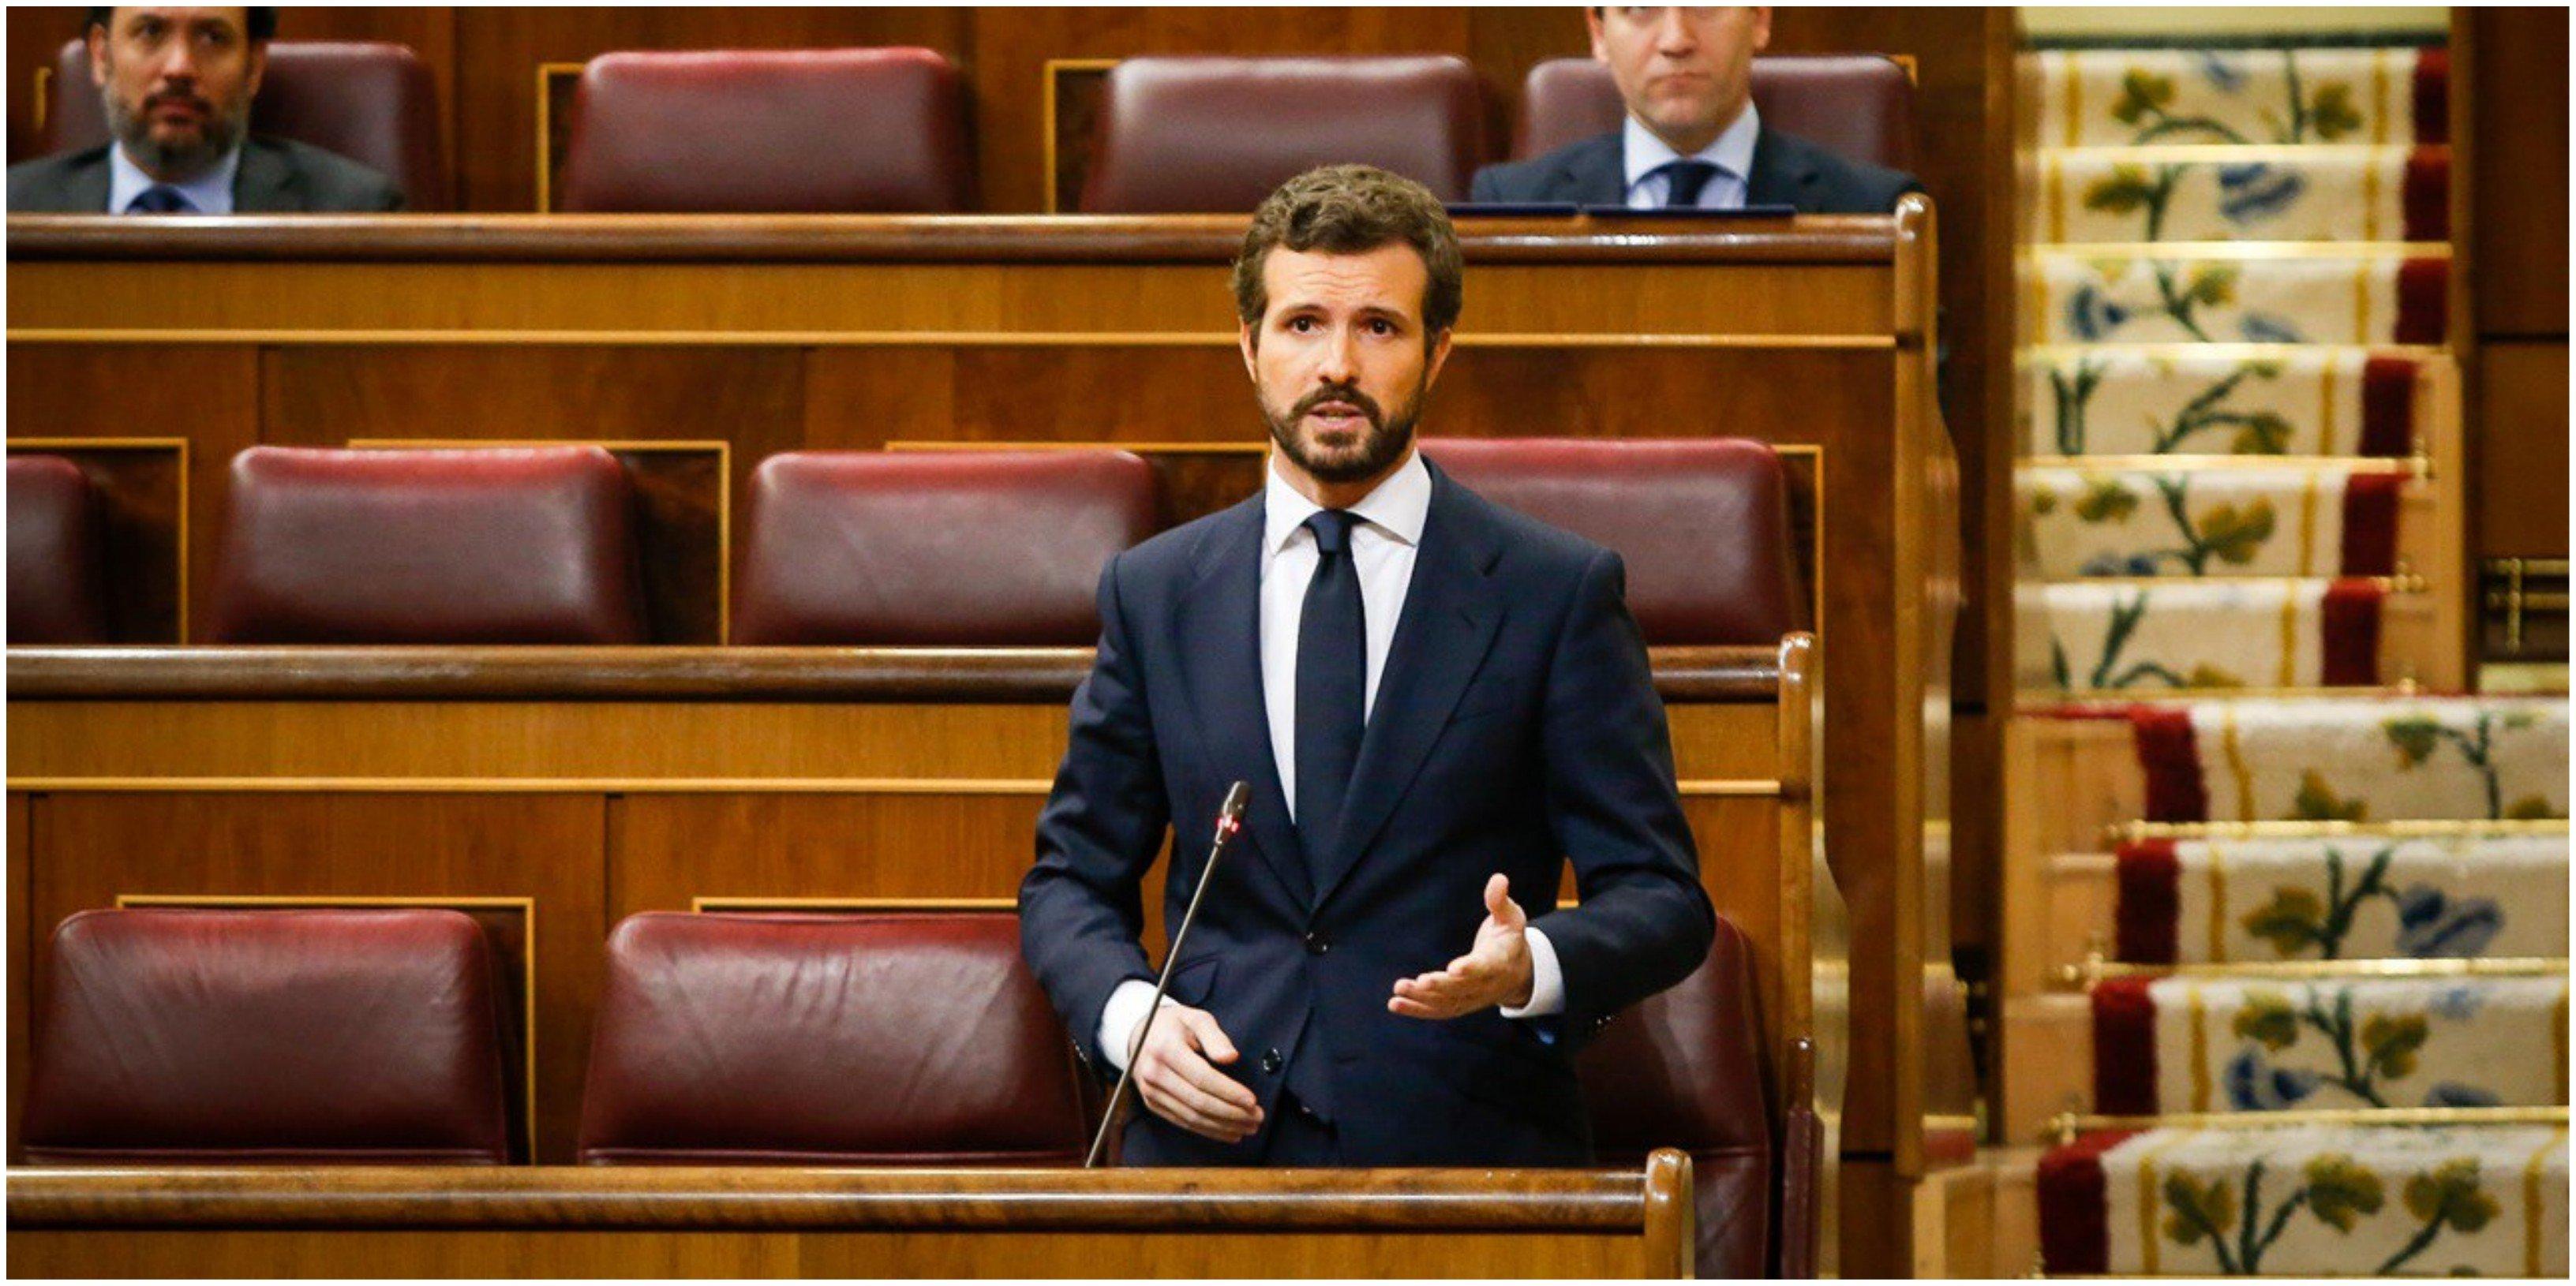 Pablo Casado insiste: Sánchez miente sobre el número real de españoles fallecidos por coronavirus